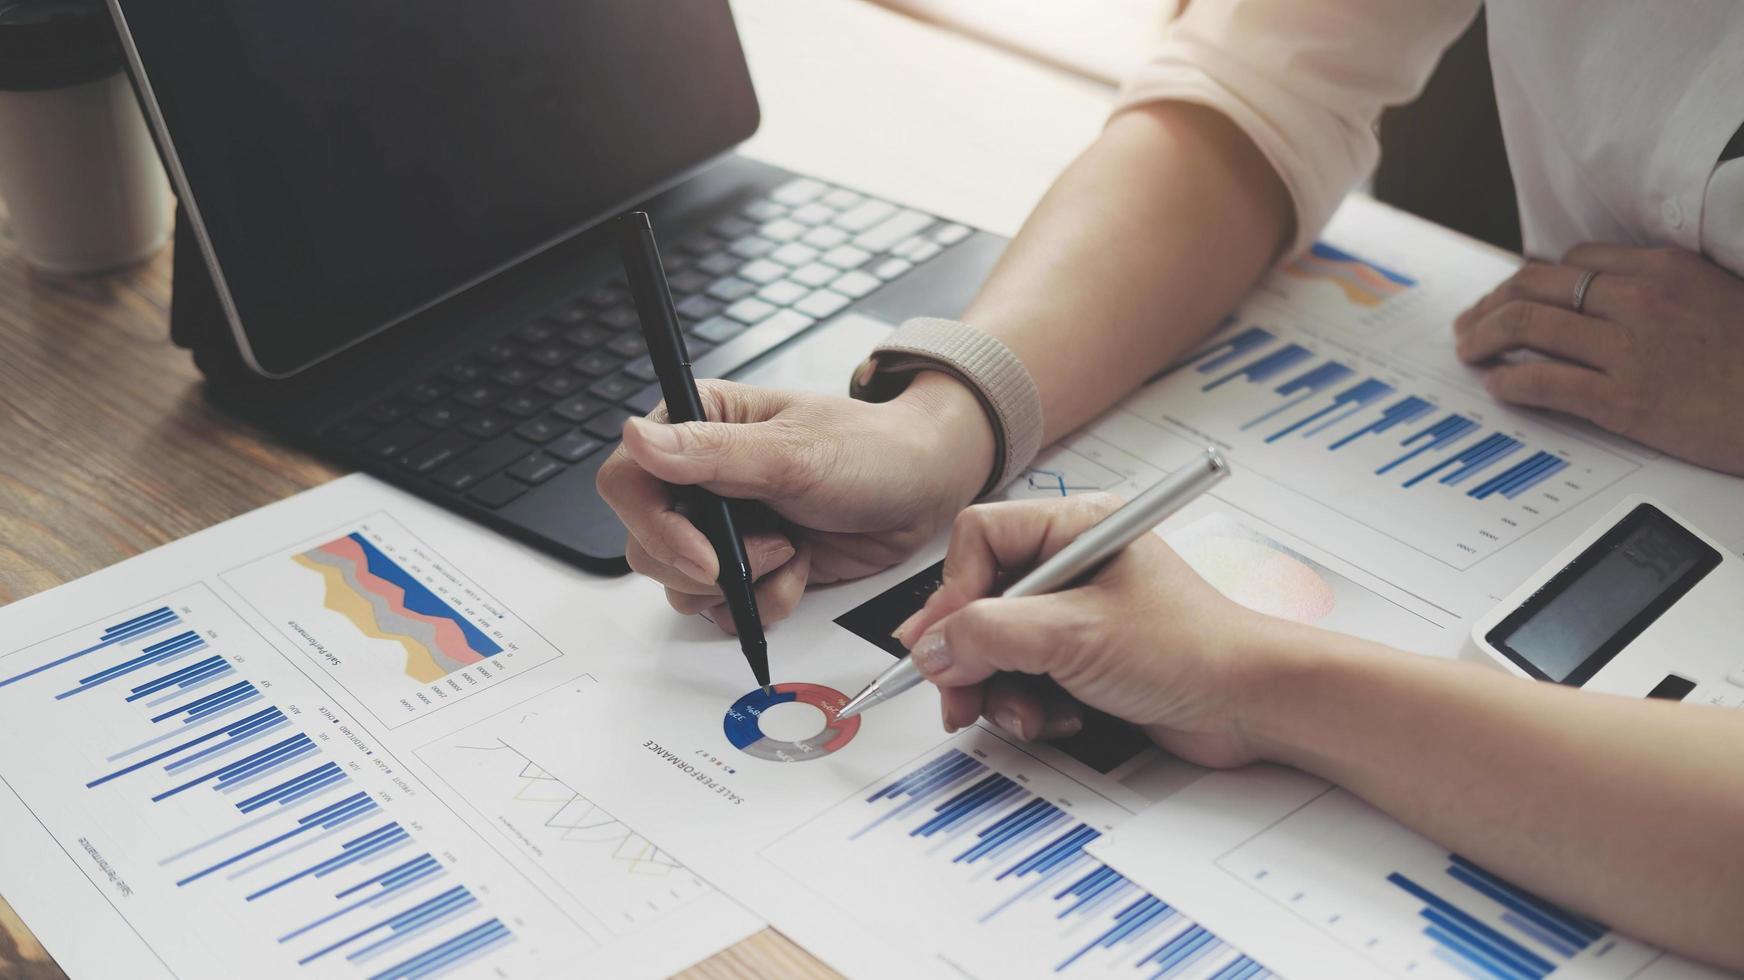 Investitions- und Kooperationskonzept, Geschäftsfinanzinspektor, der Leistungsdaten in Bürositzungen analysiert. foto